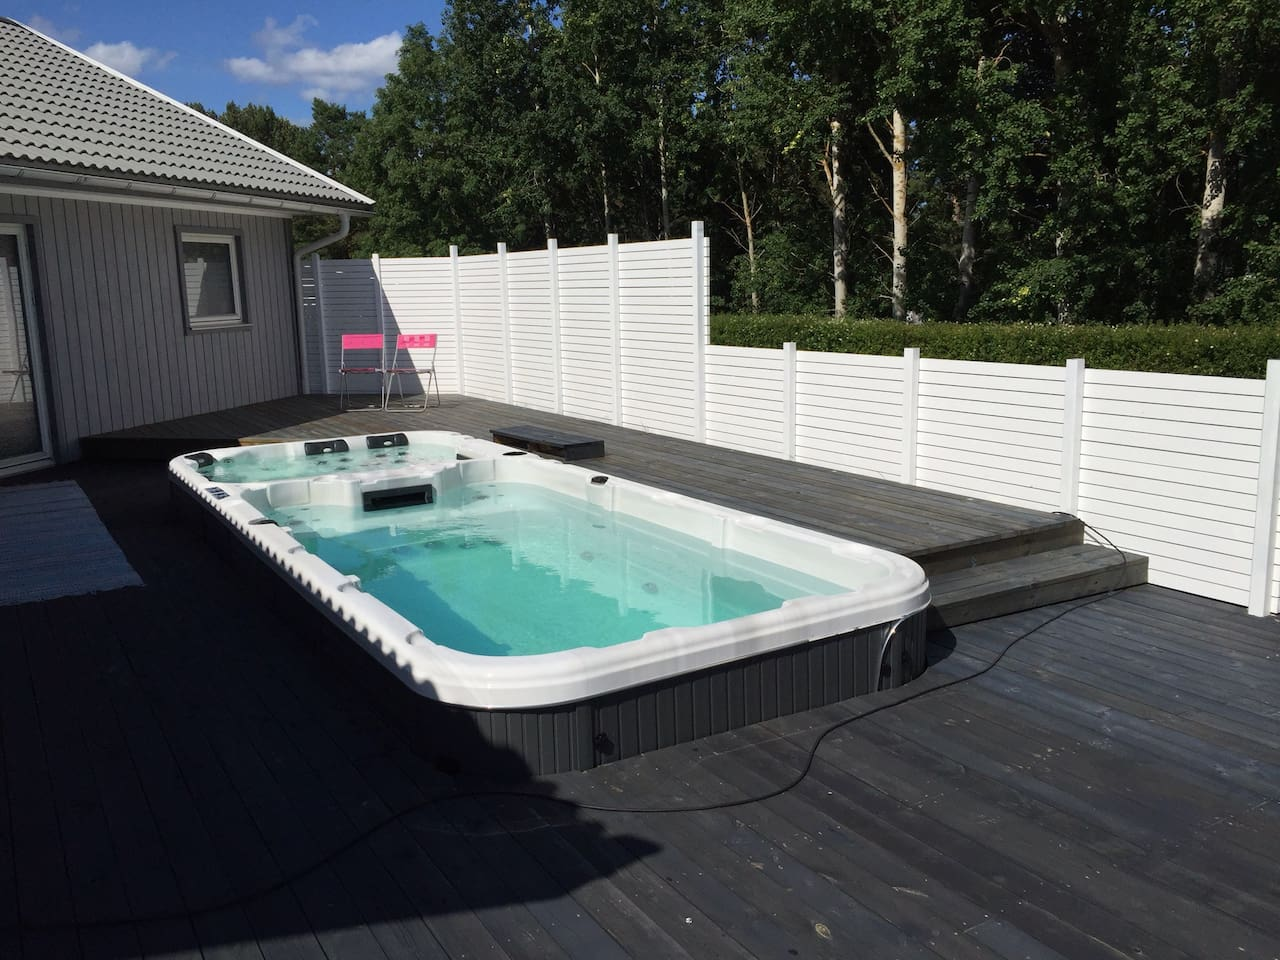 Mysig stuga - Pool och SPA - Cabins for Rent in Oskarshamn, Kalmar ...